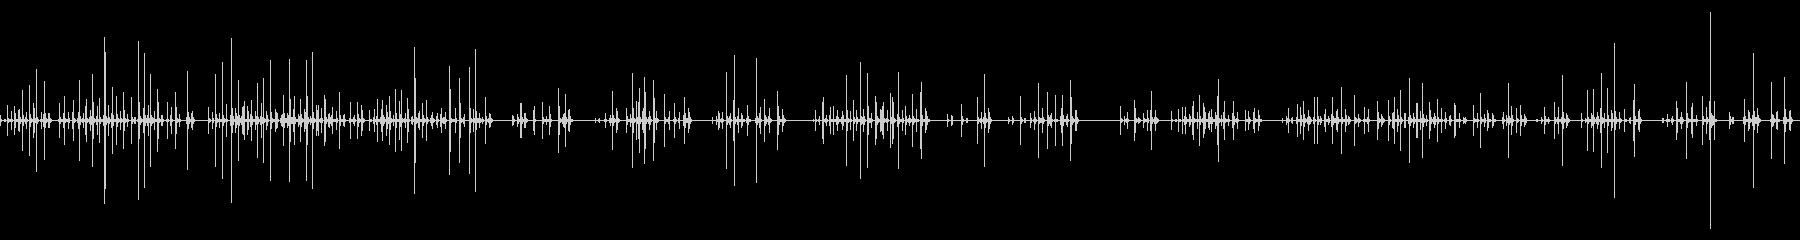 PCキーボード2。デスクトップキー...の未再生の波形